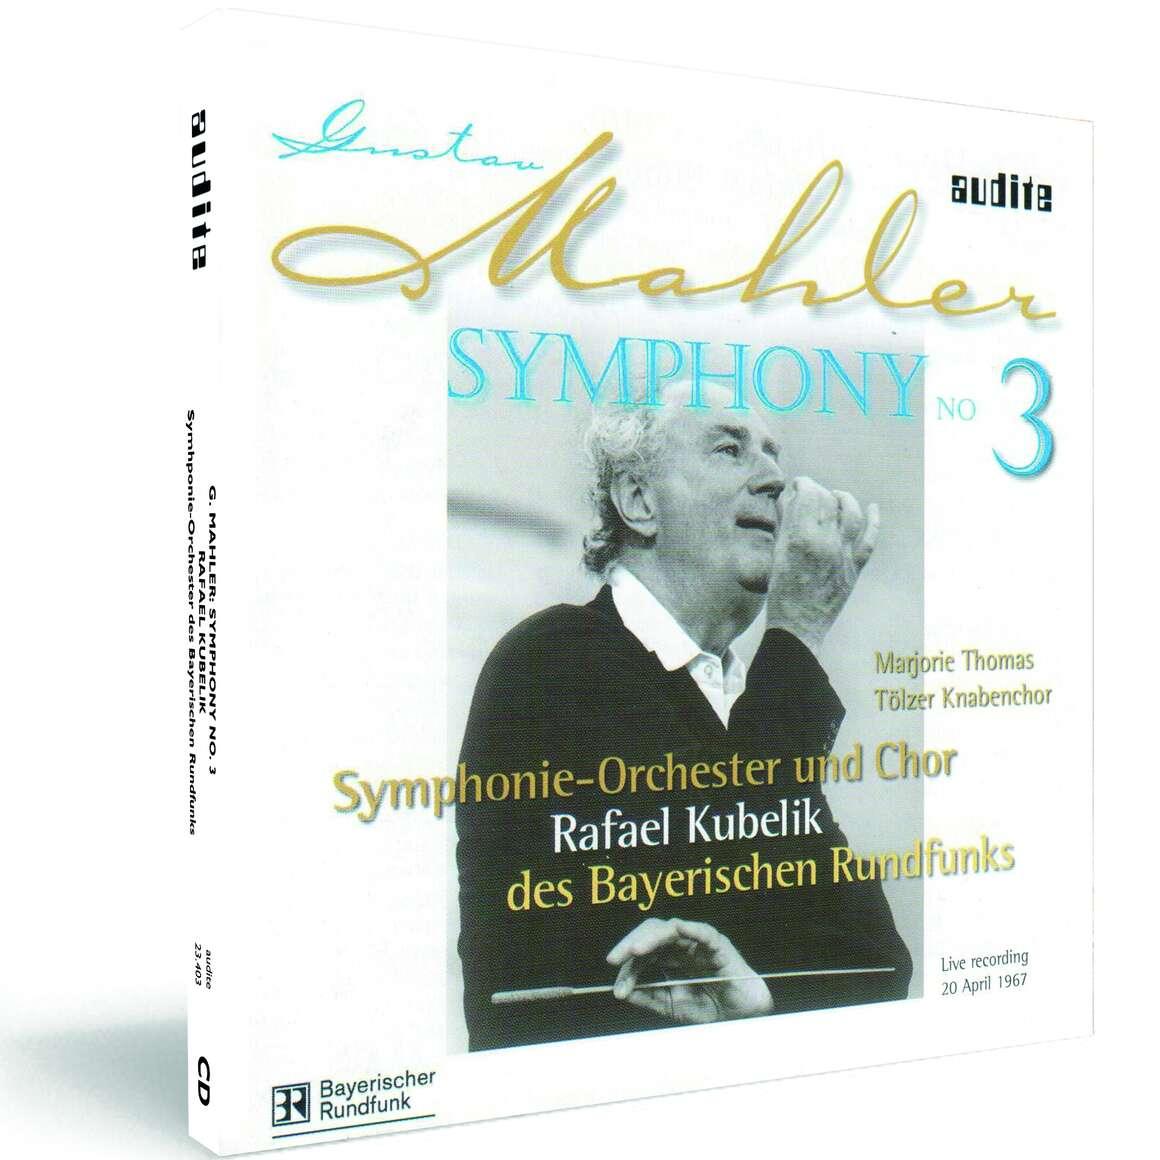 G. Mahler: Symphony No. 3